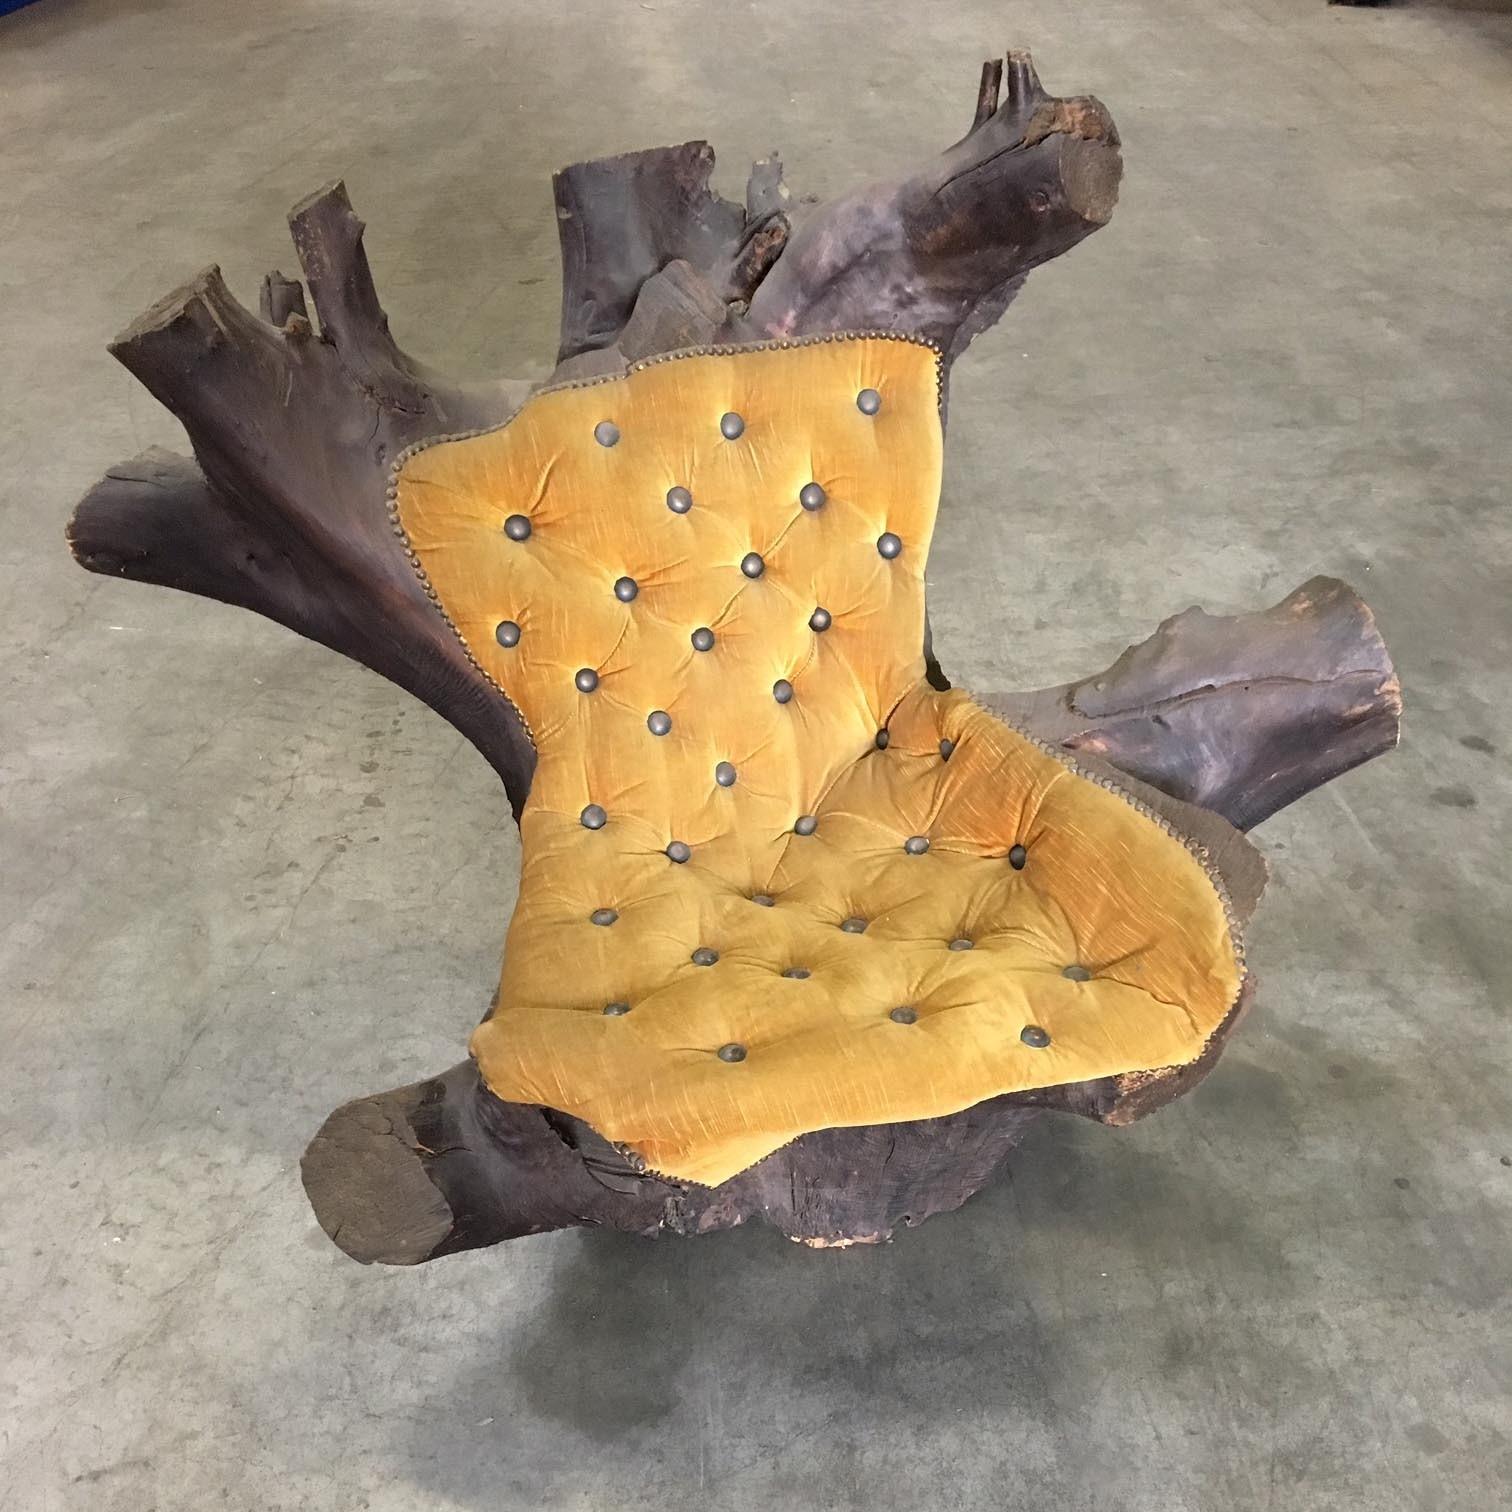 Stoel gemaakt uit boomstronk